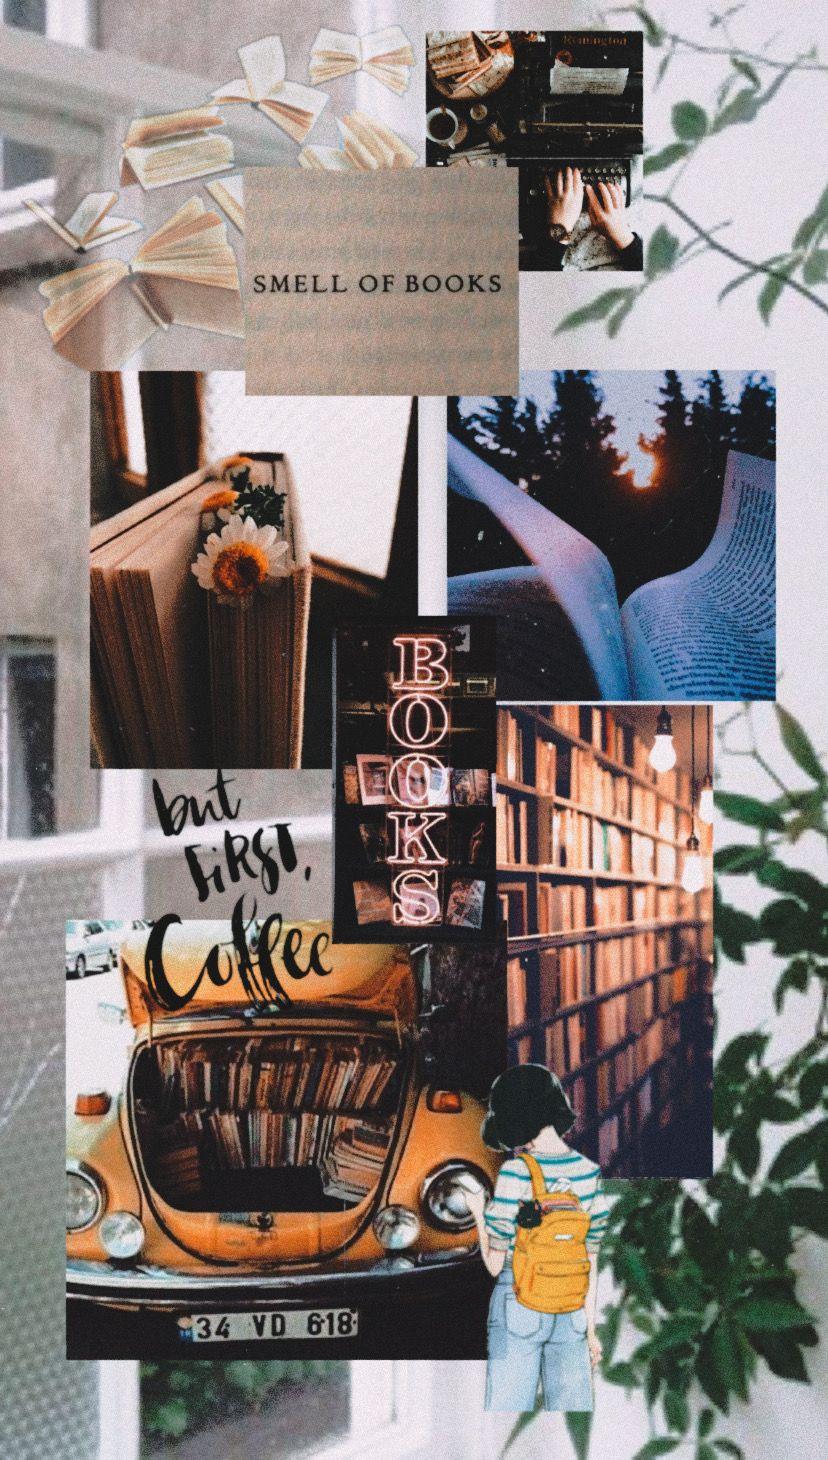 Thatweirdkidmiranda Profiles Iphone Wallpaper Books Coffee Wallpaper Iphone Book Wallpaper